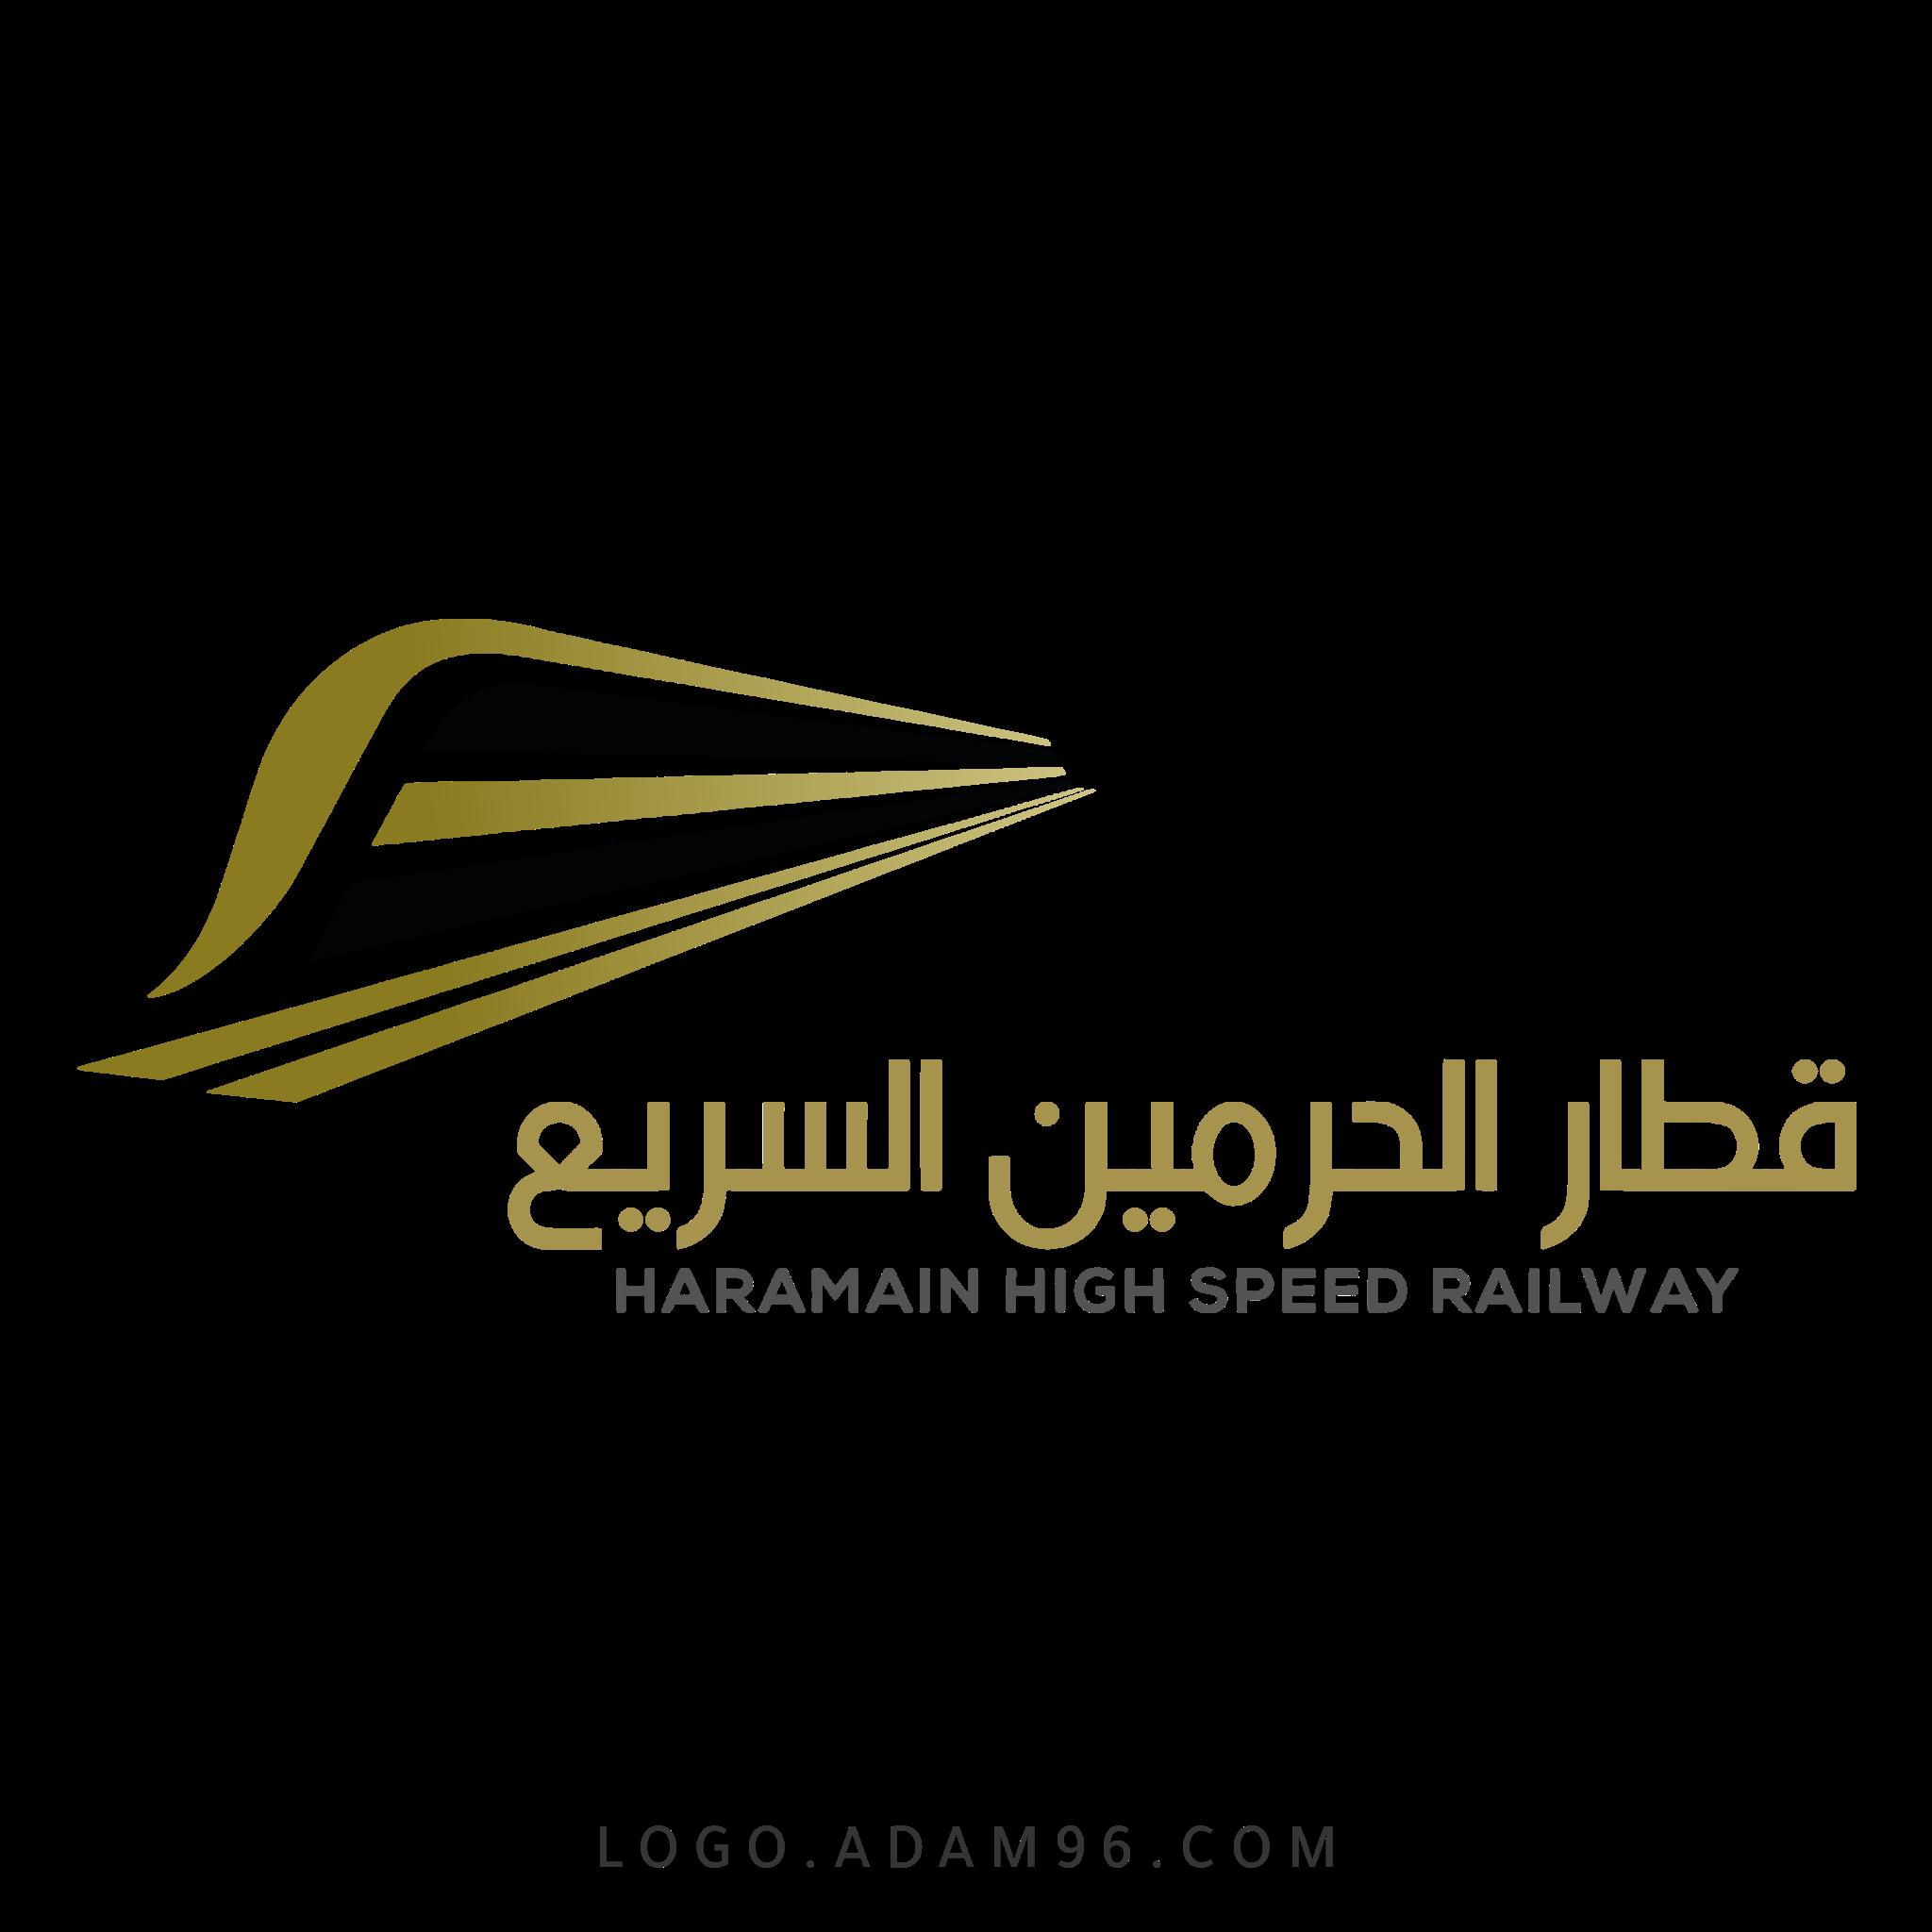 تحميل شعار قطار الحرمين السريع لوجو رسمي عالي الجودة بصيغة PNG